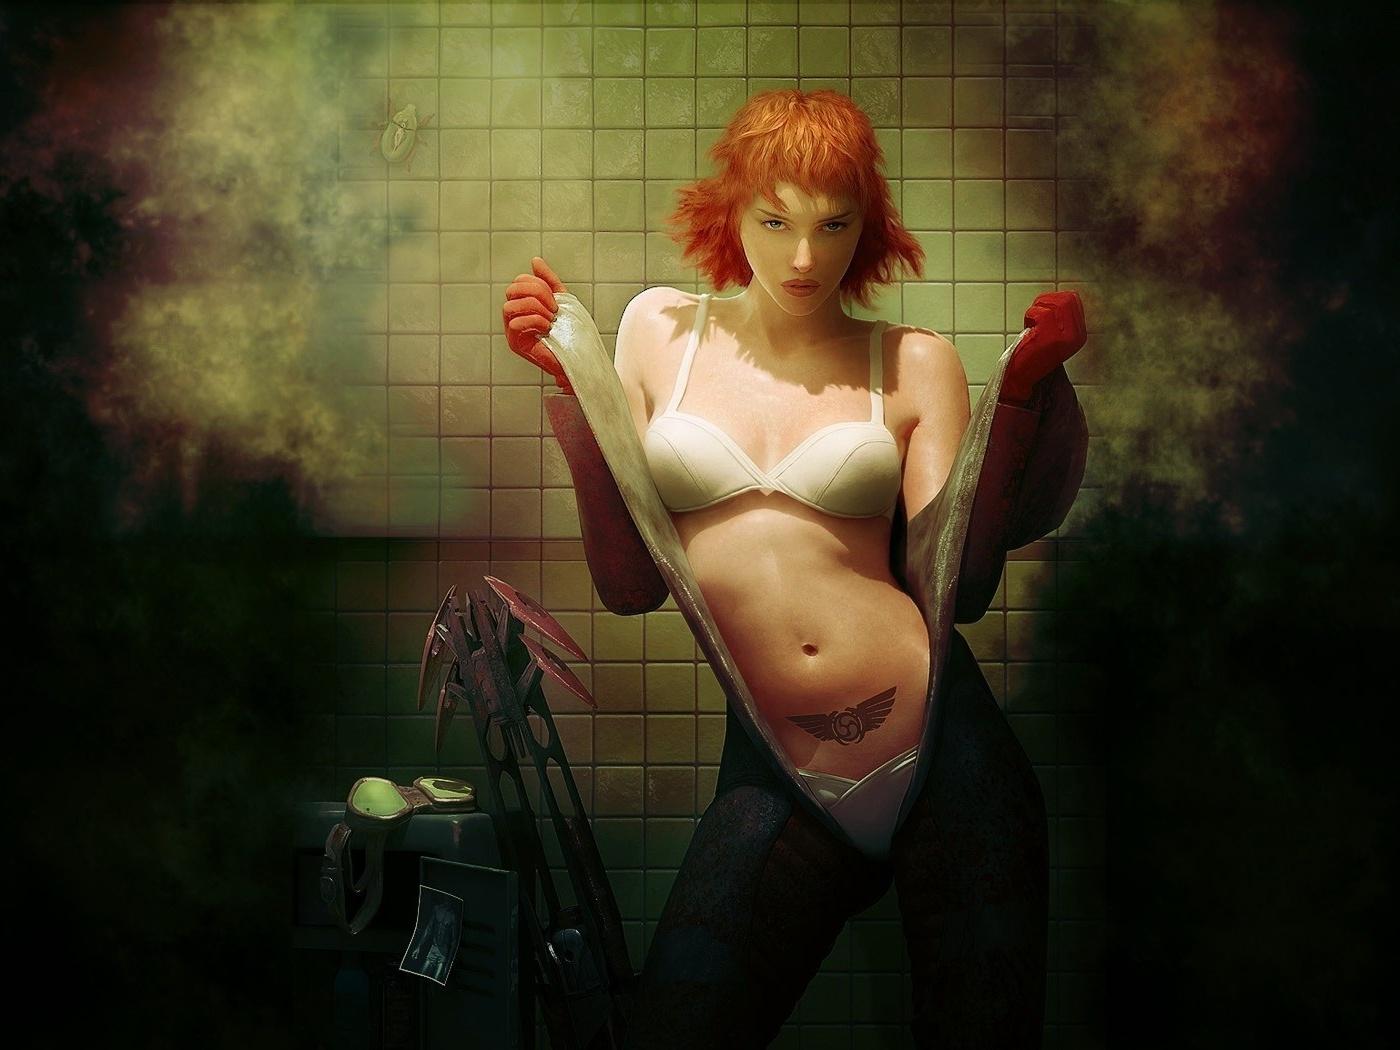 Foto nu 3d fantasi erotic vids